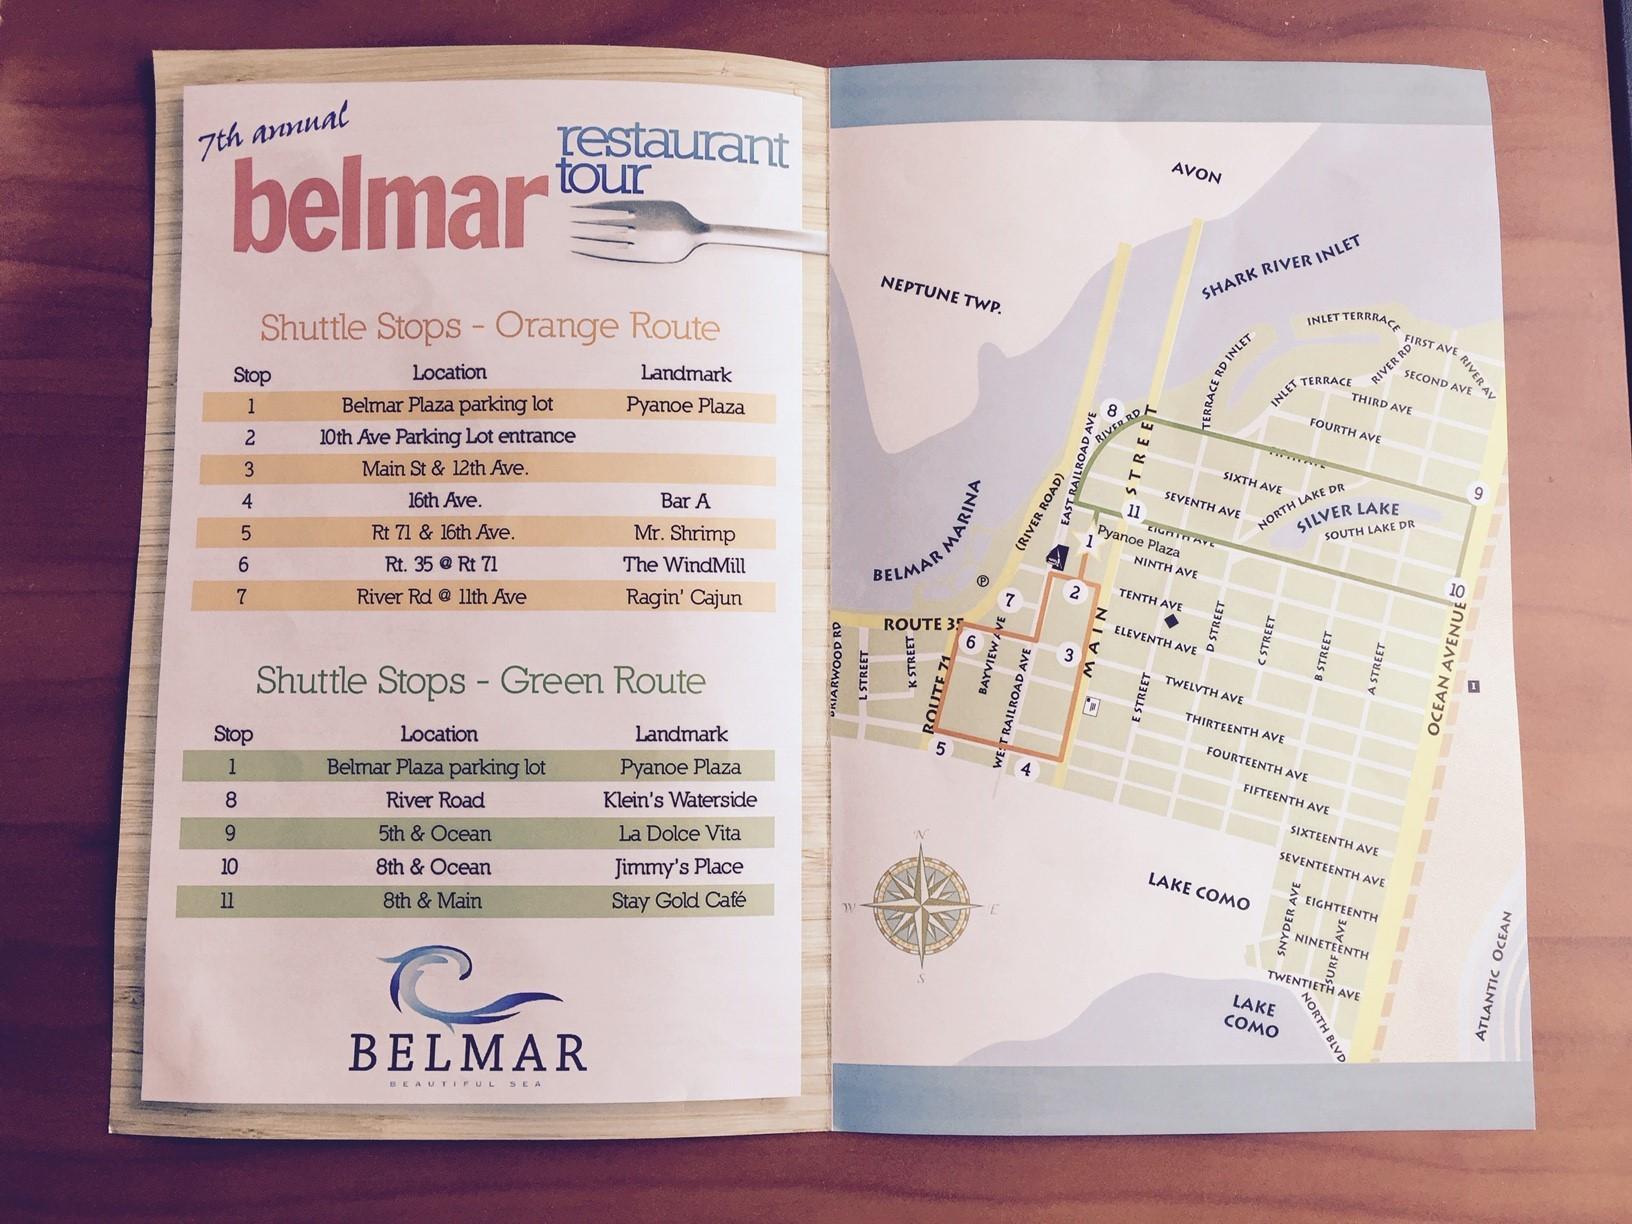 Belmar Restaurant Tour